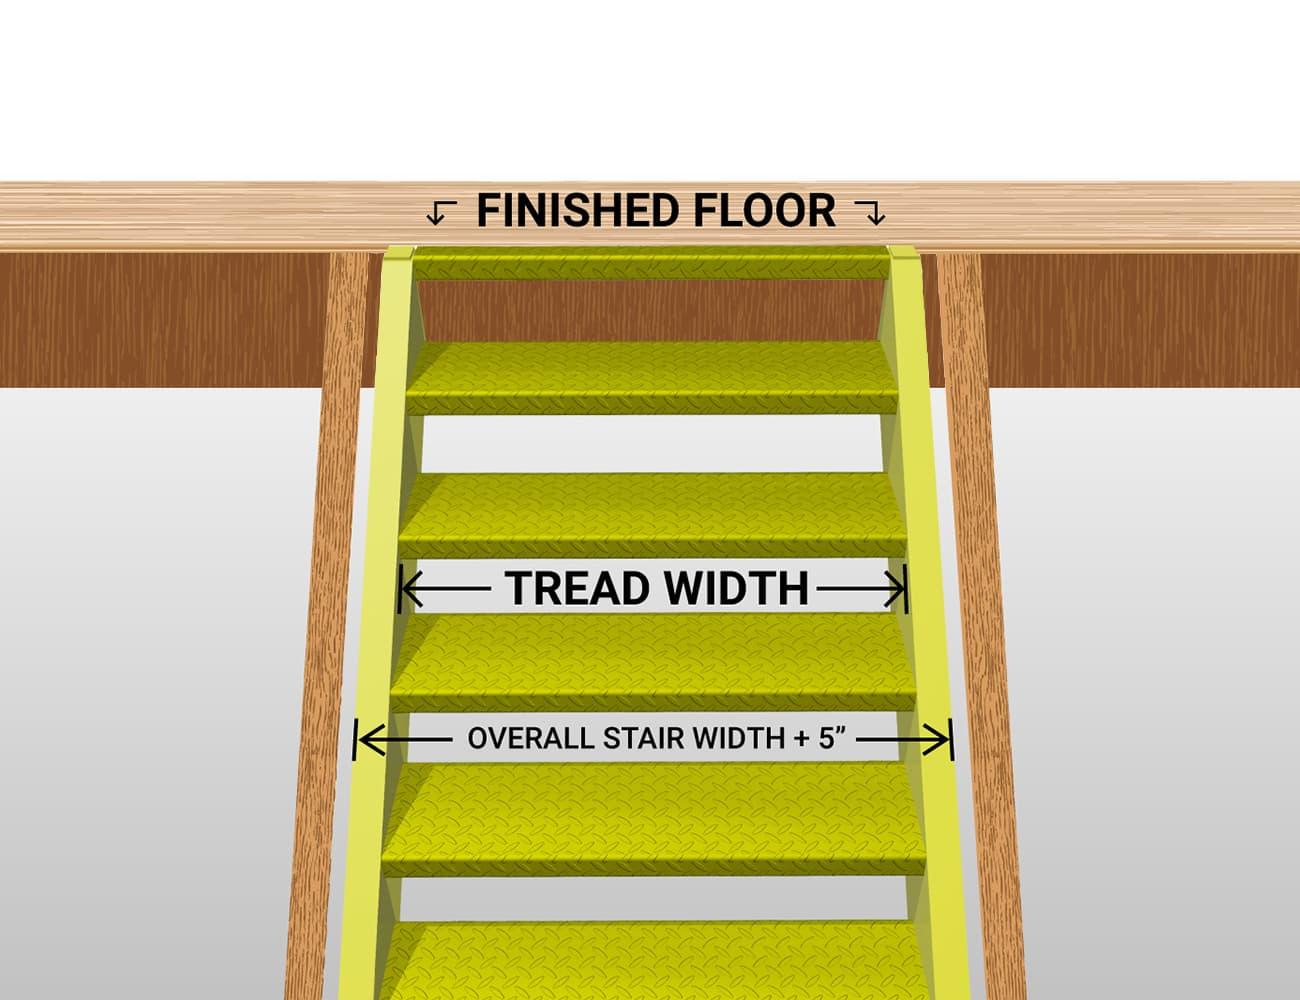 Stair Width Measurement Diagram